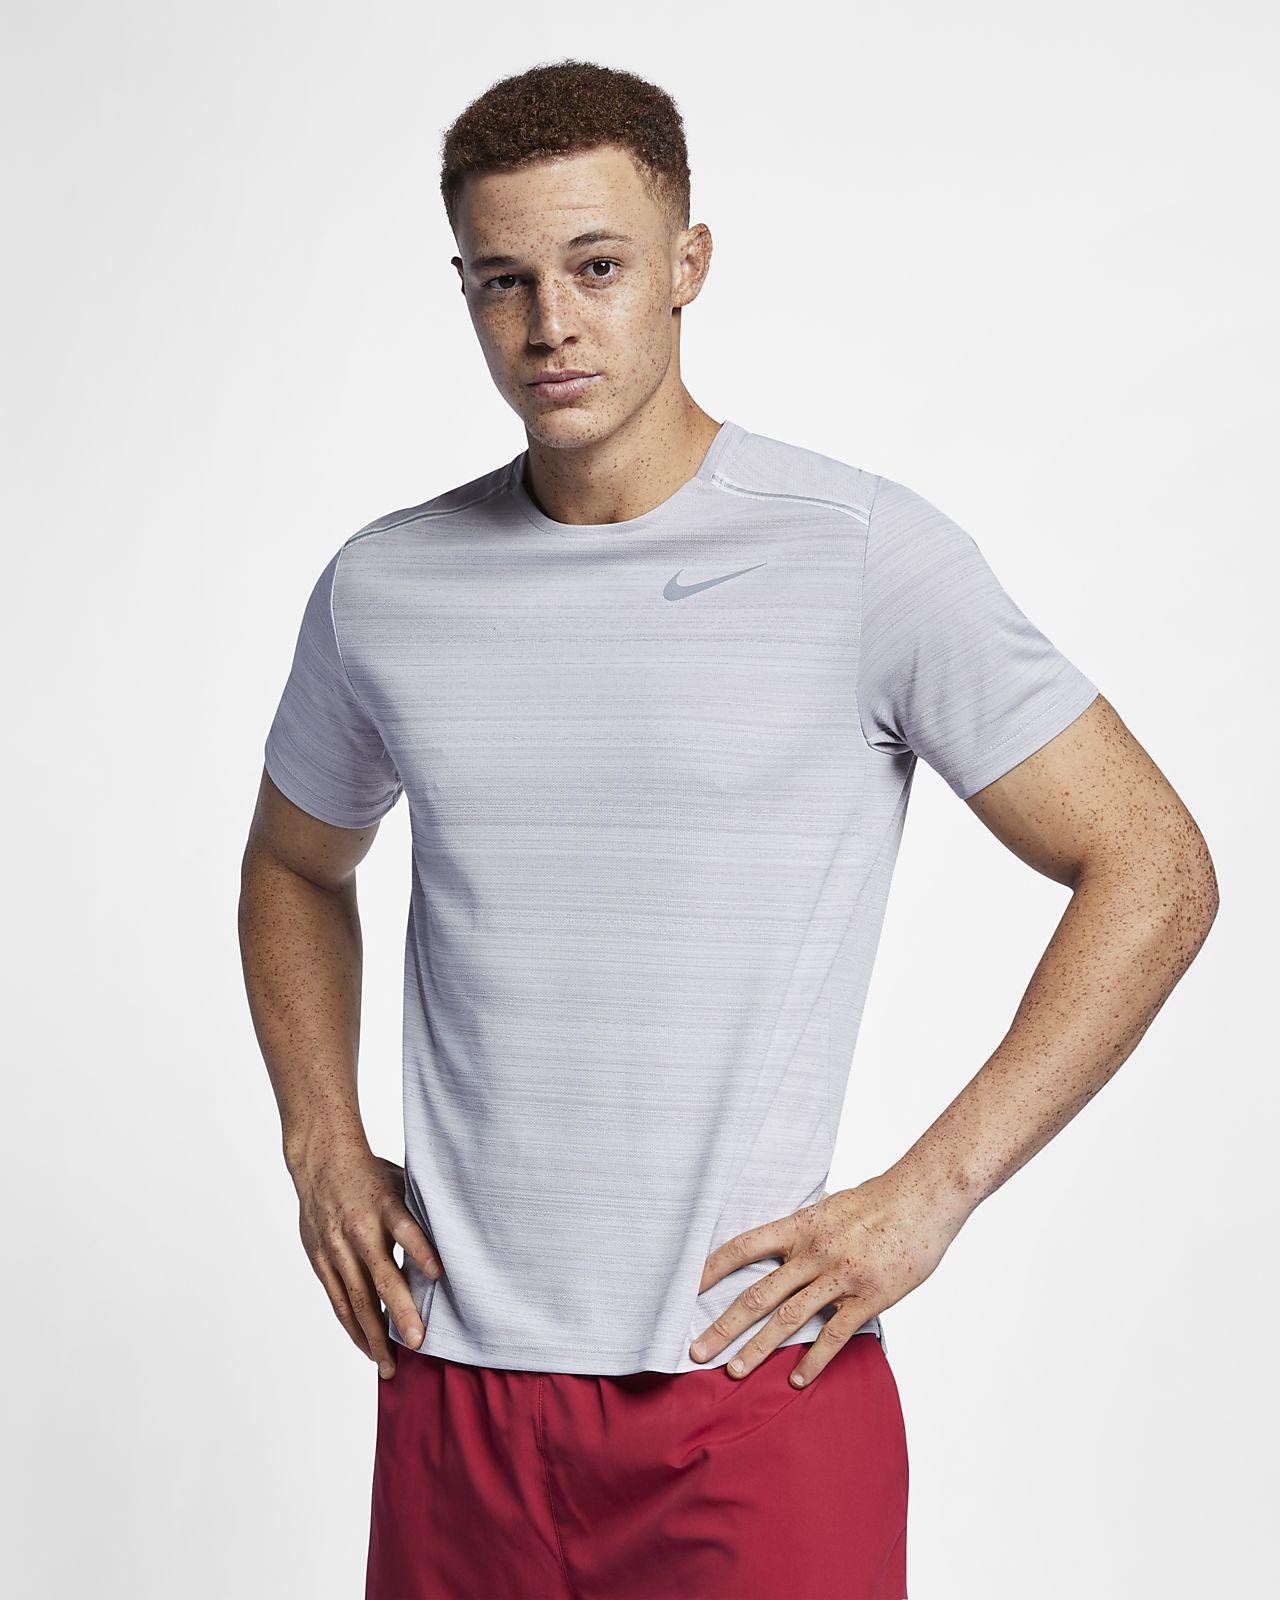 Nike Mens Dry Fit Short Sleeve Top